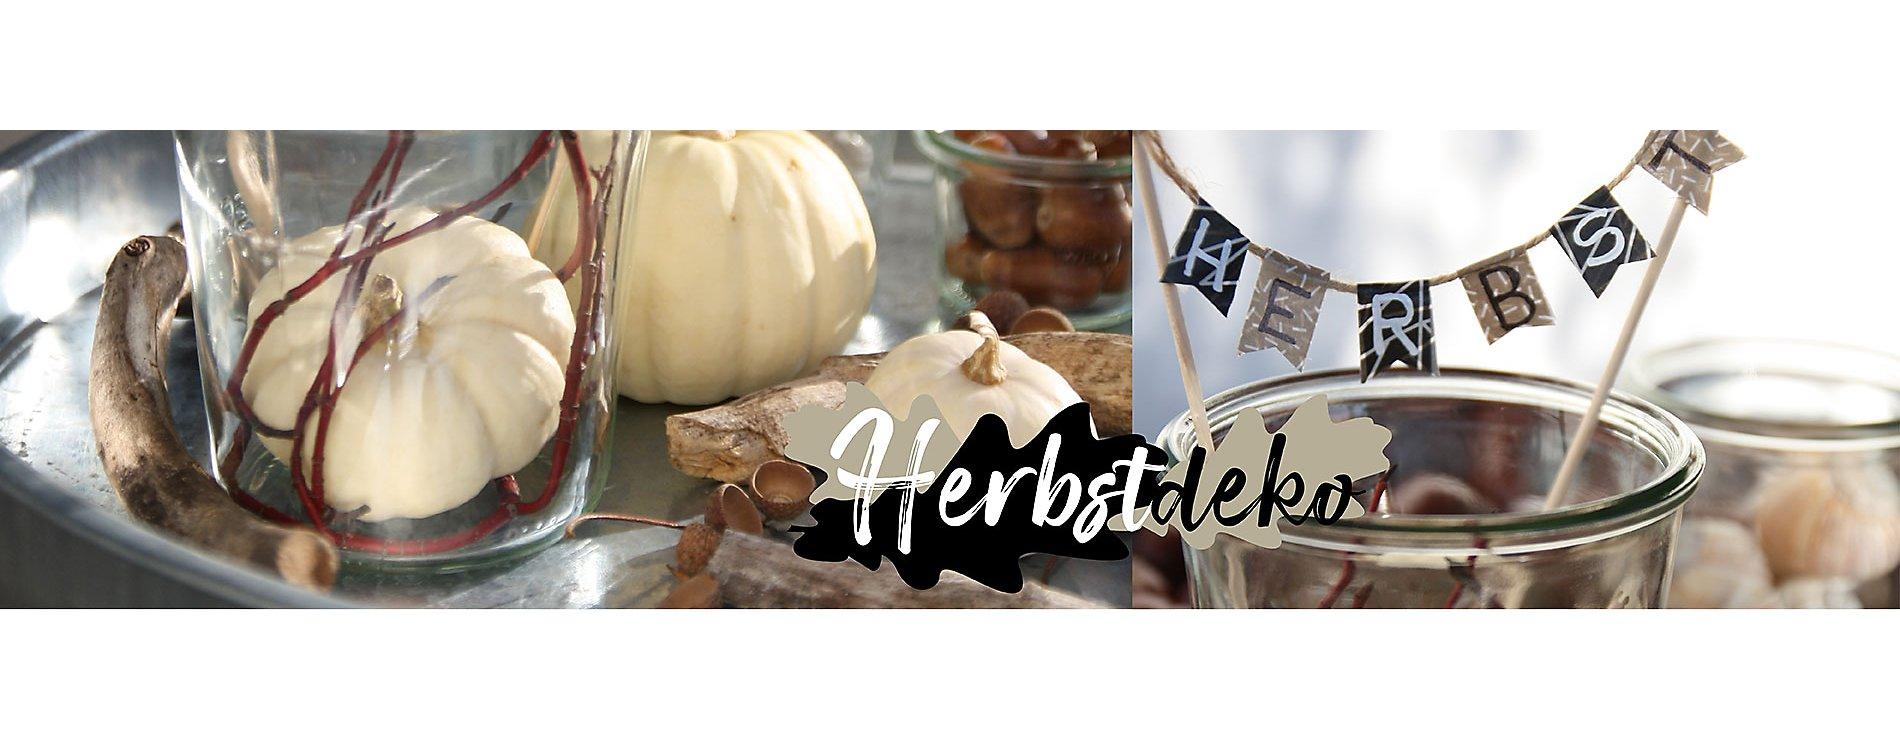 Weck Glaeser Herbstlich dekoriert